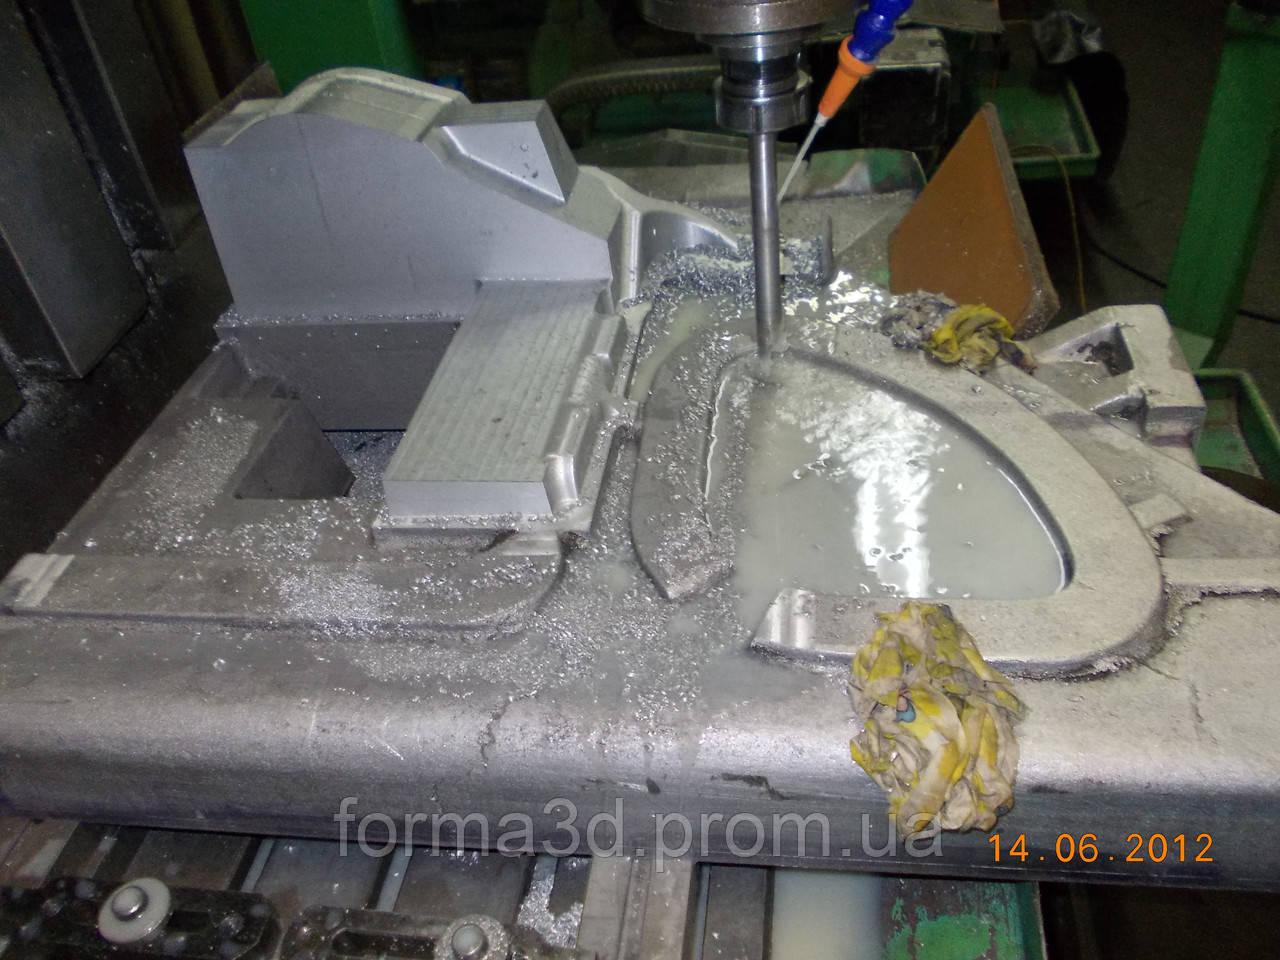 Обработка деталей на фрезерных станках с ЧПУ